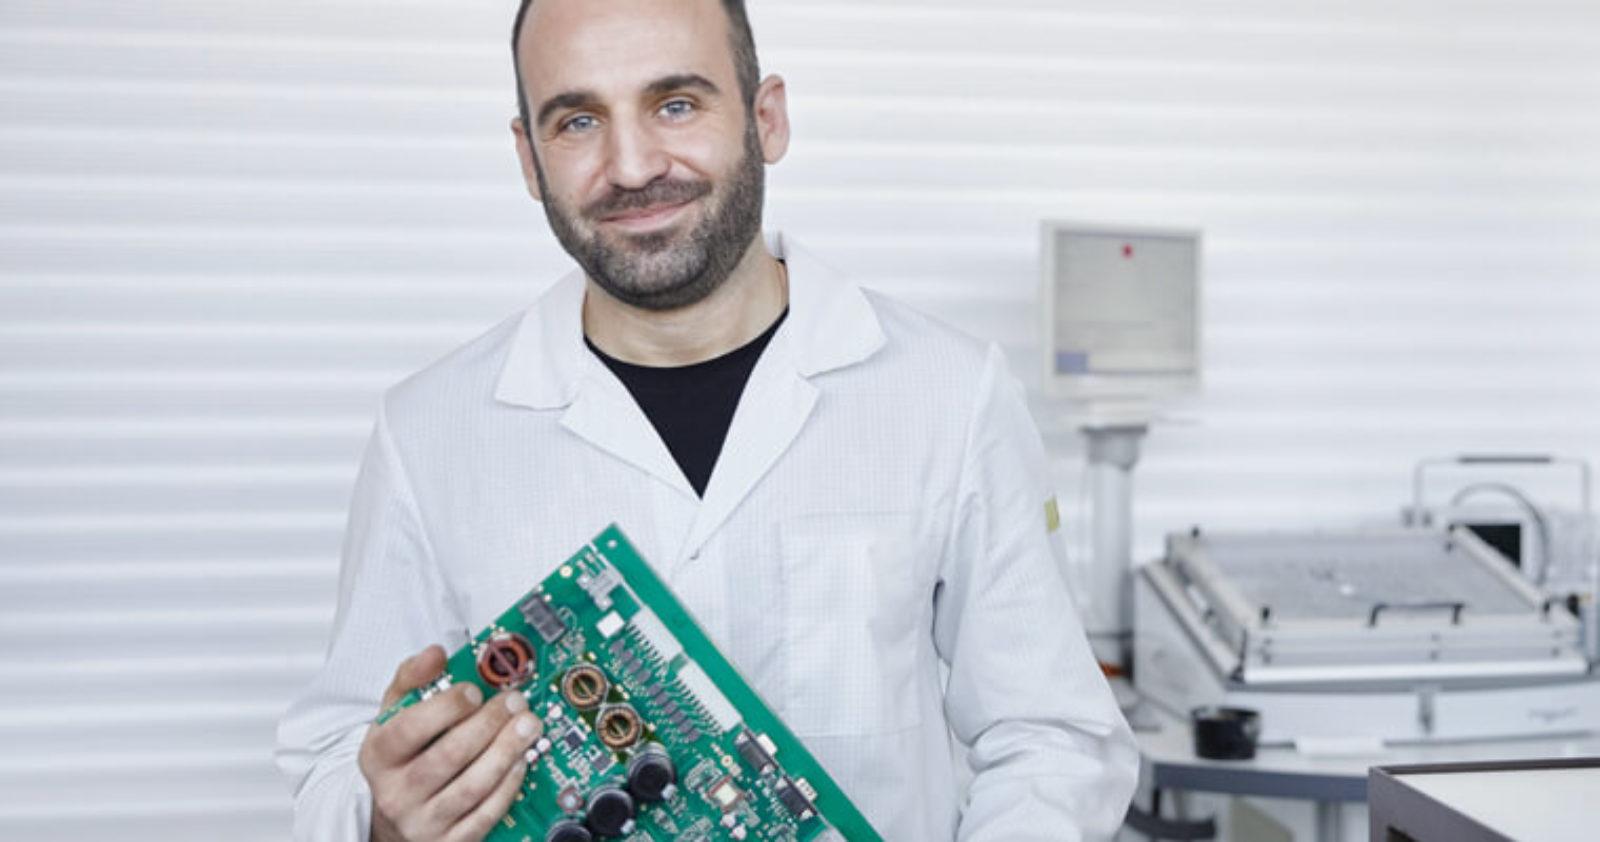 Testmethoden bis zum Funktionstest geben Sicherheit und begleiten die EMS-Serienfertigung bei Technosert.